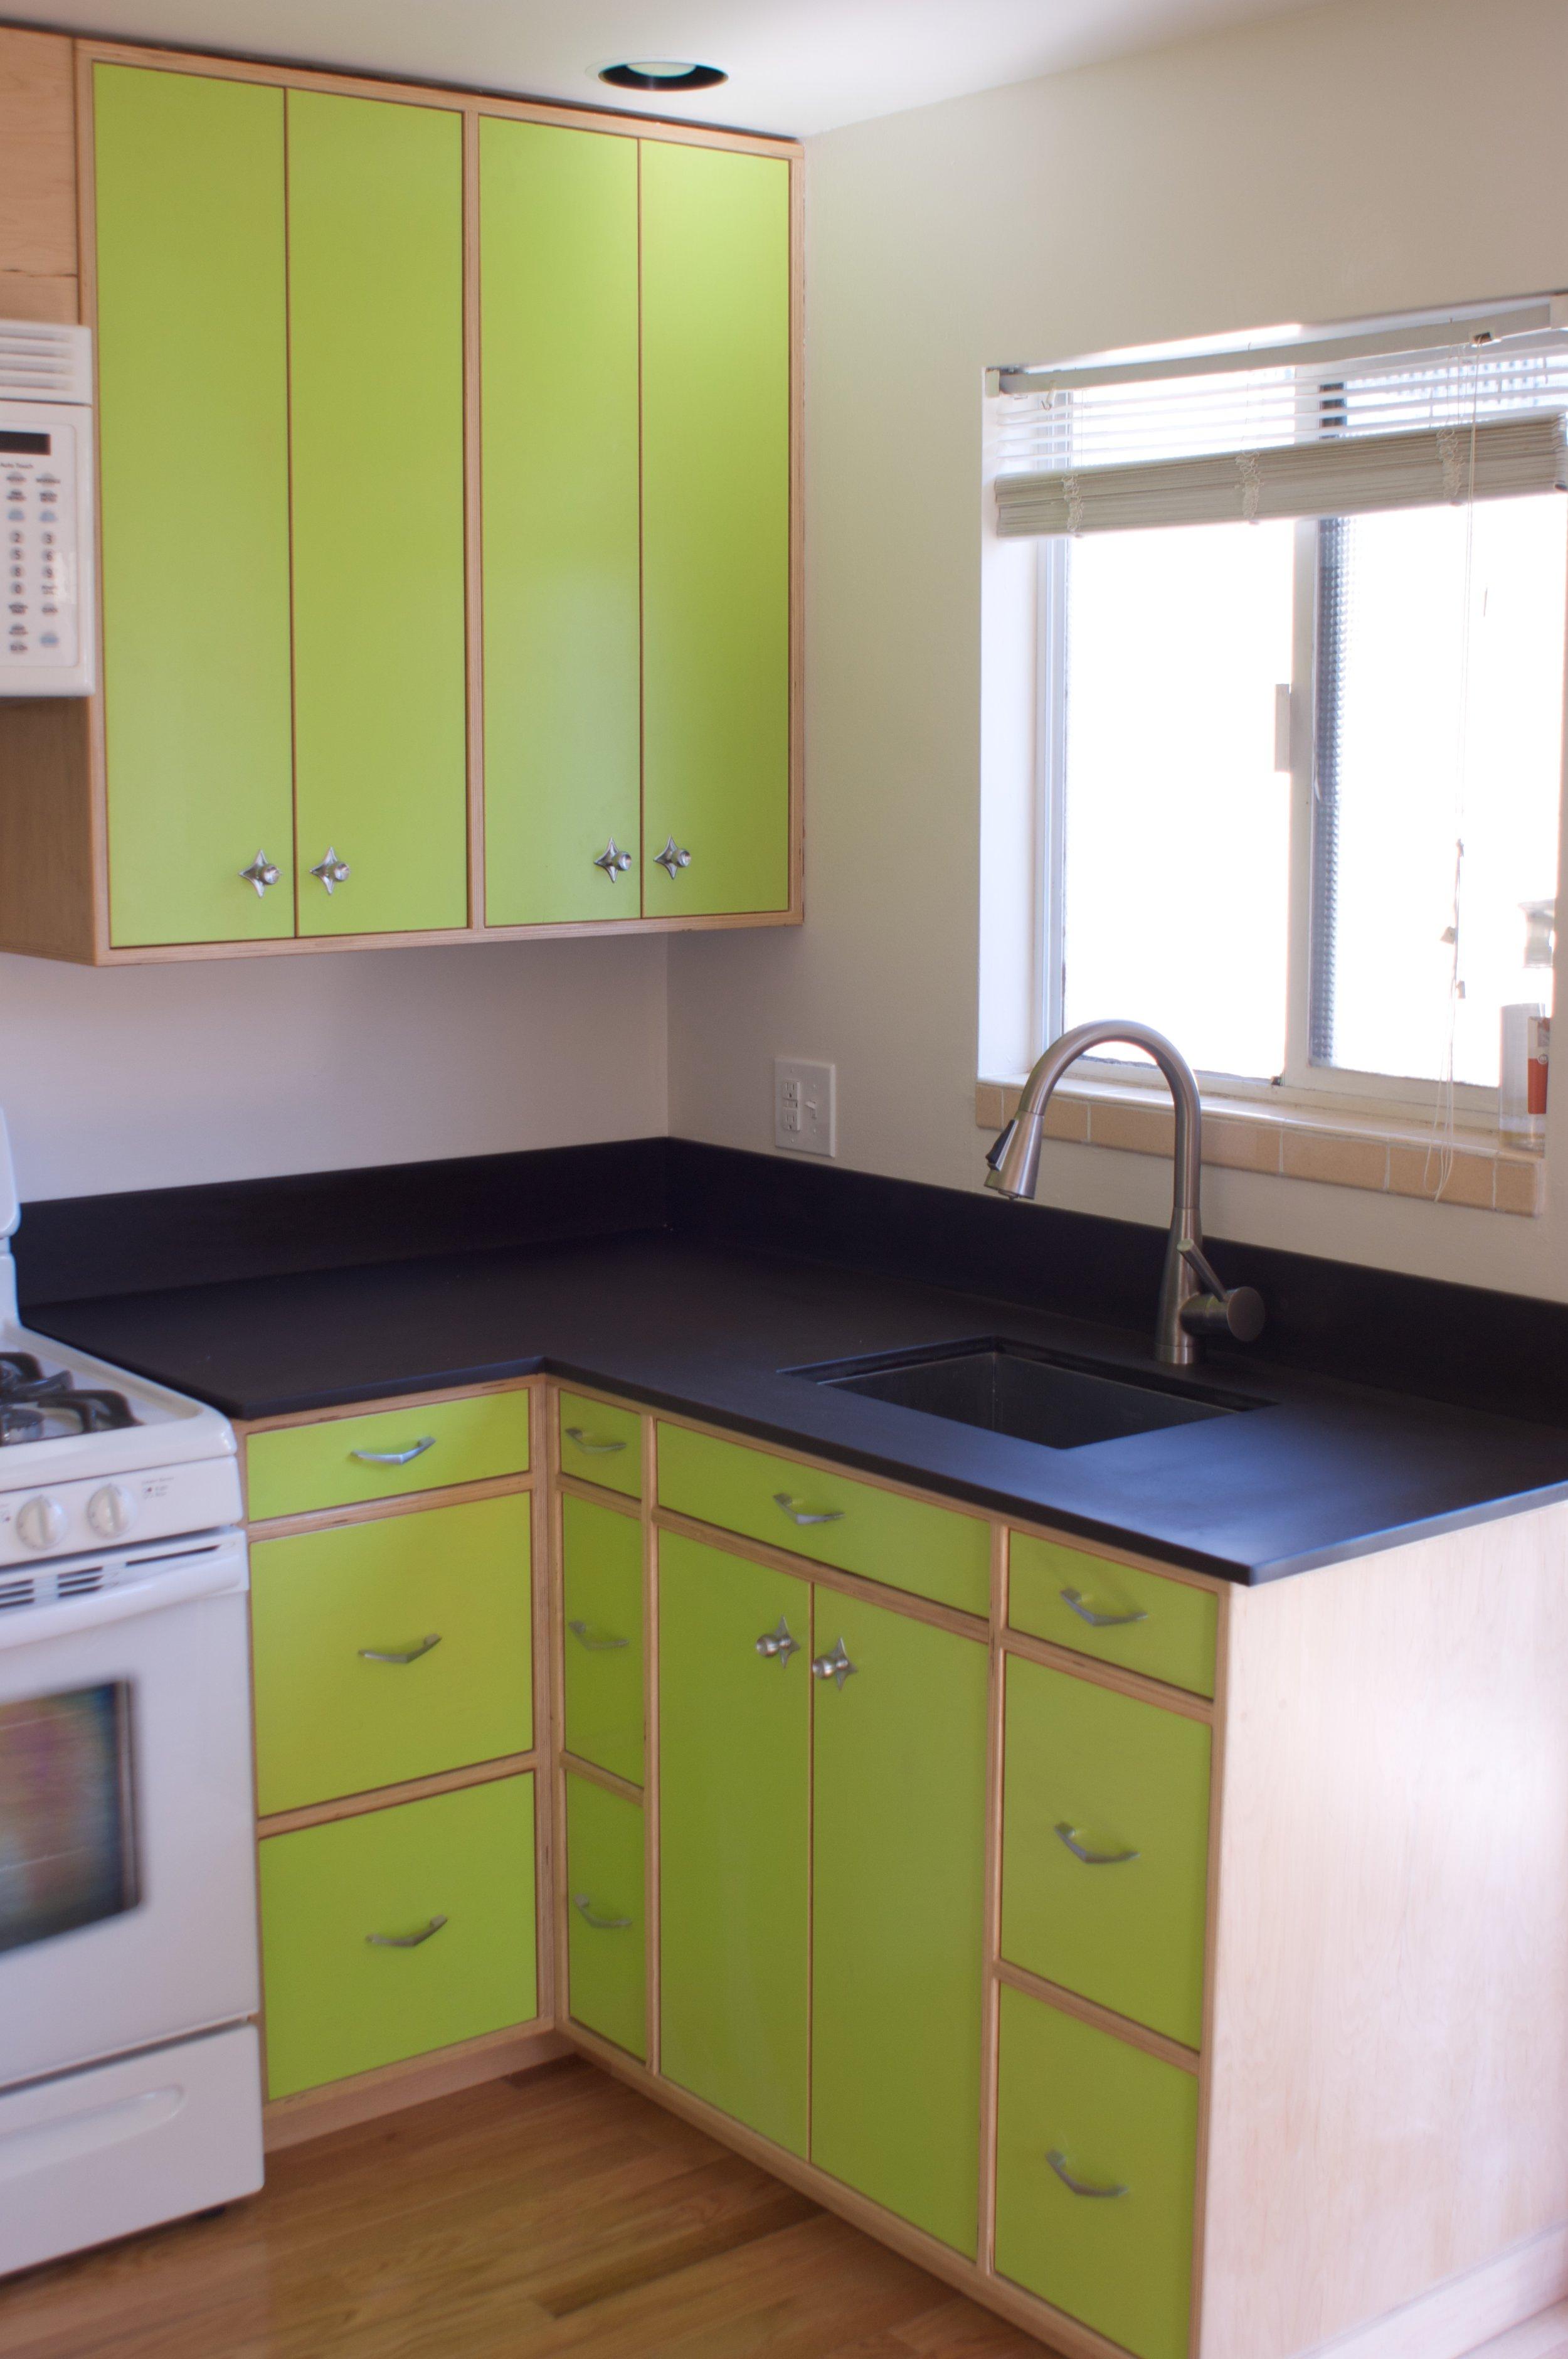 Apartment Remodel, Capital Hill